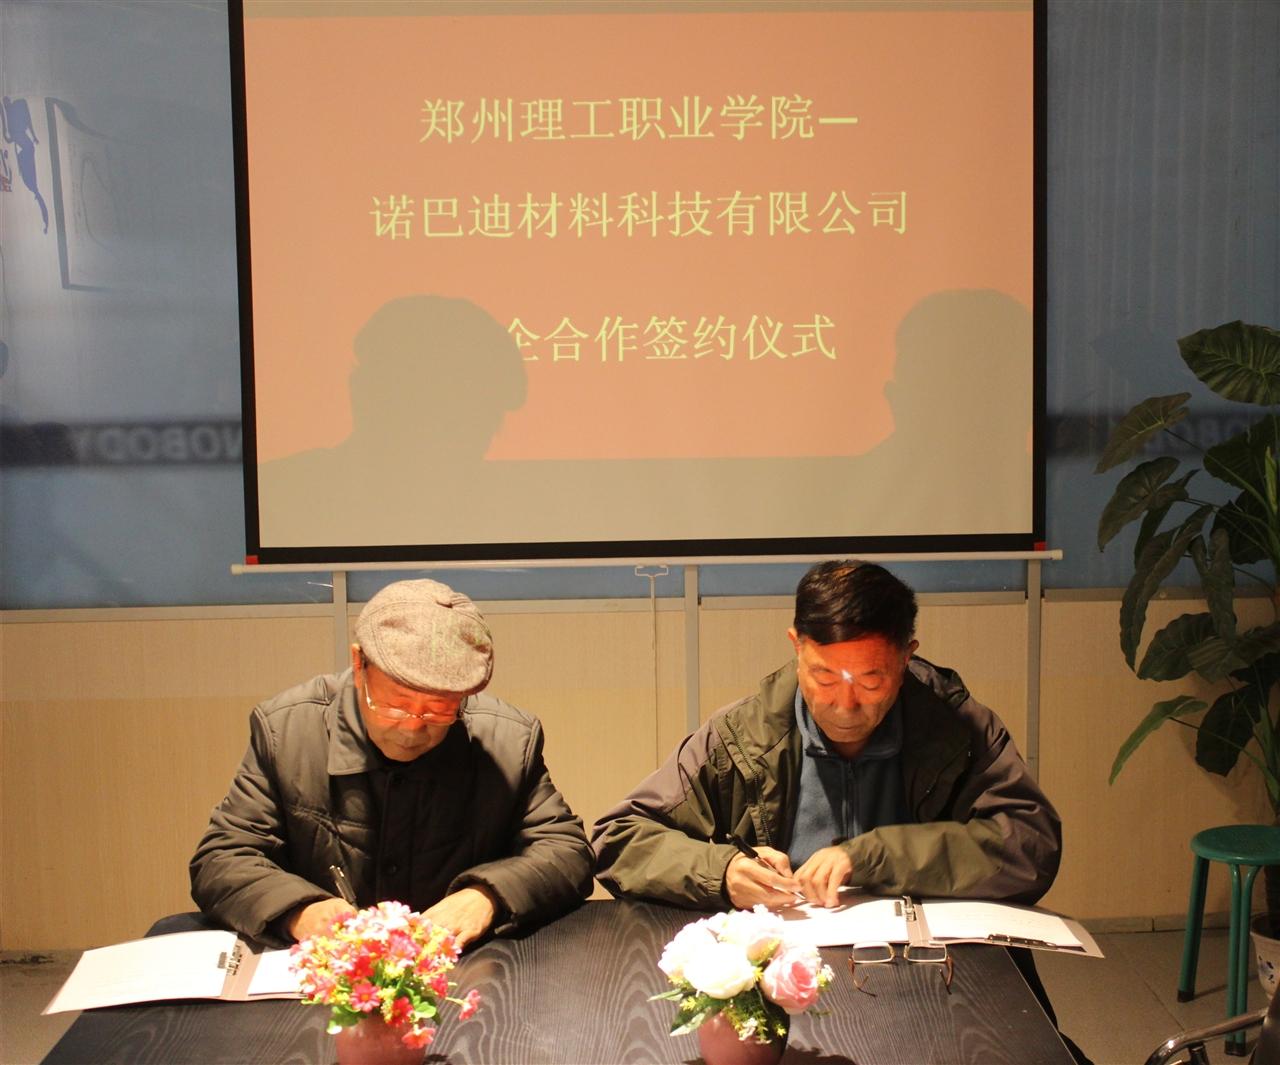 我司与郑州理工职业学院校企深度合作项目正式签约